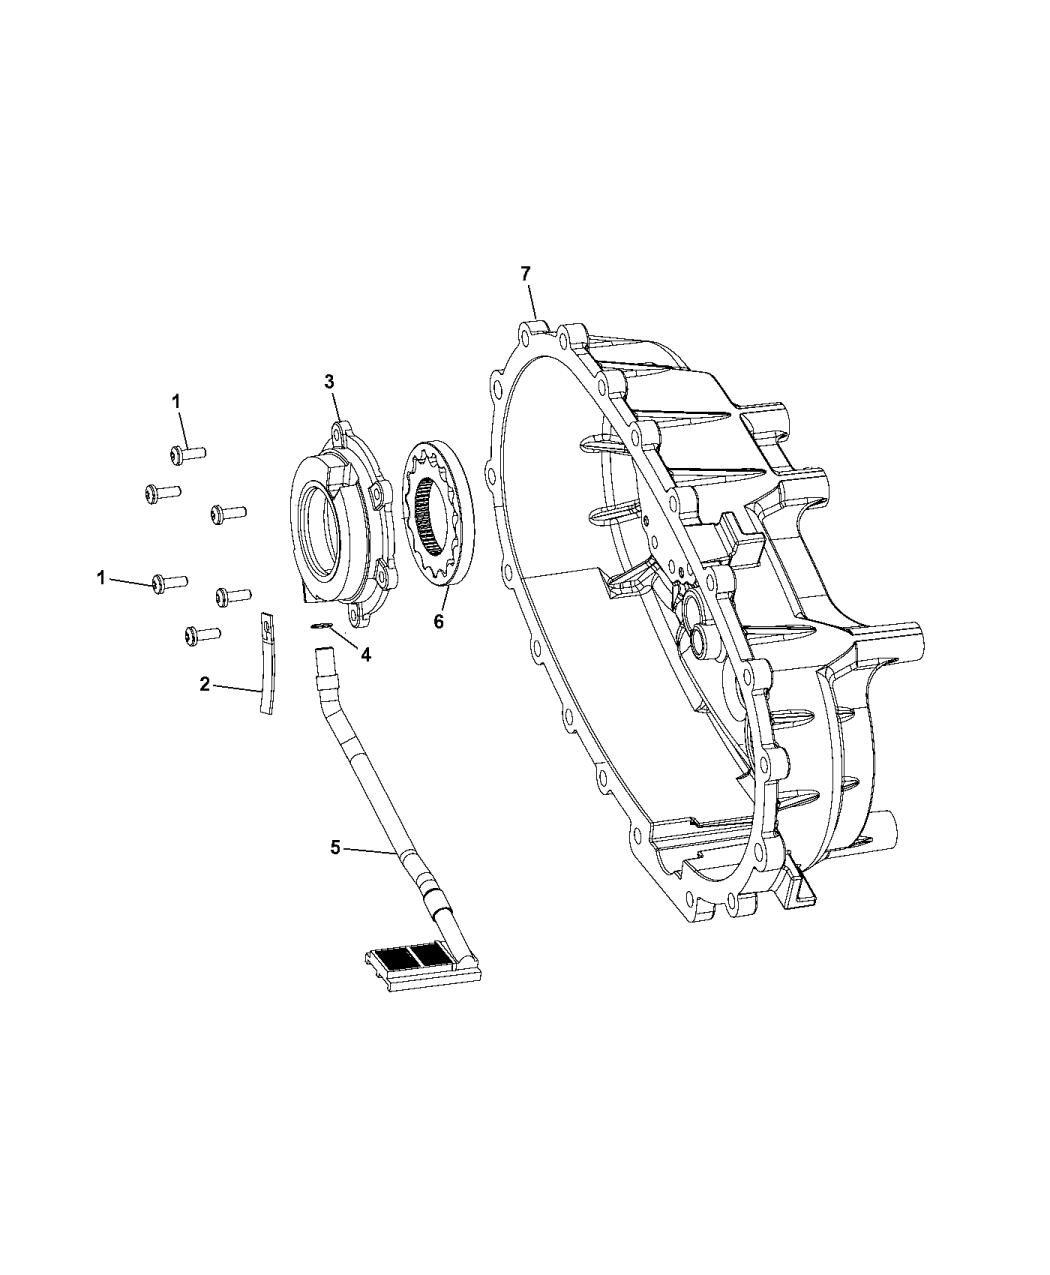 2012 Jeep Wrangler Oil Pump - Mopar Parts Giant